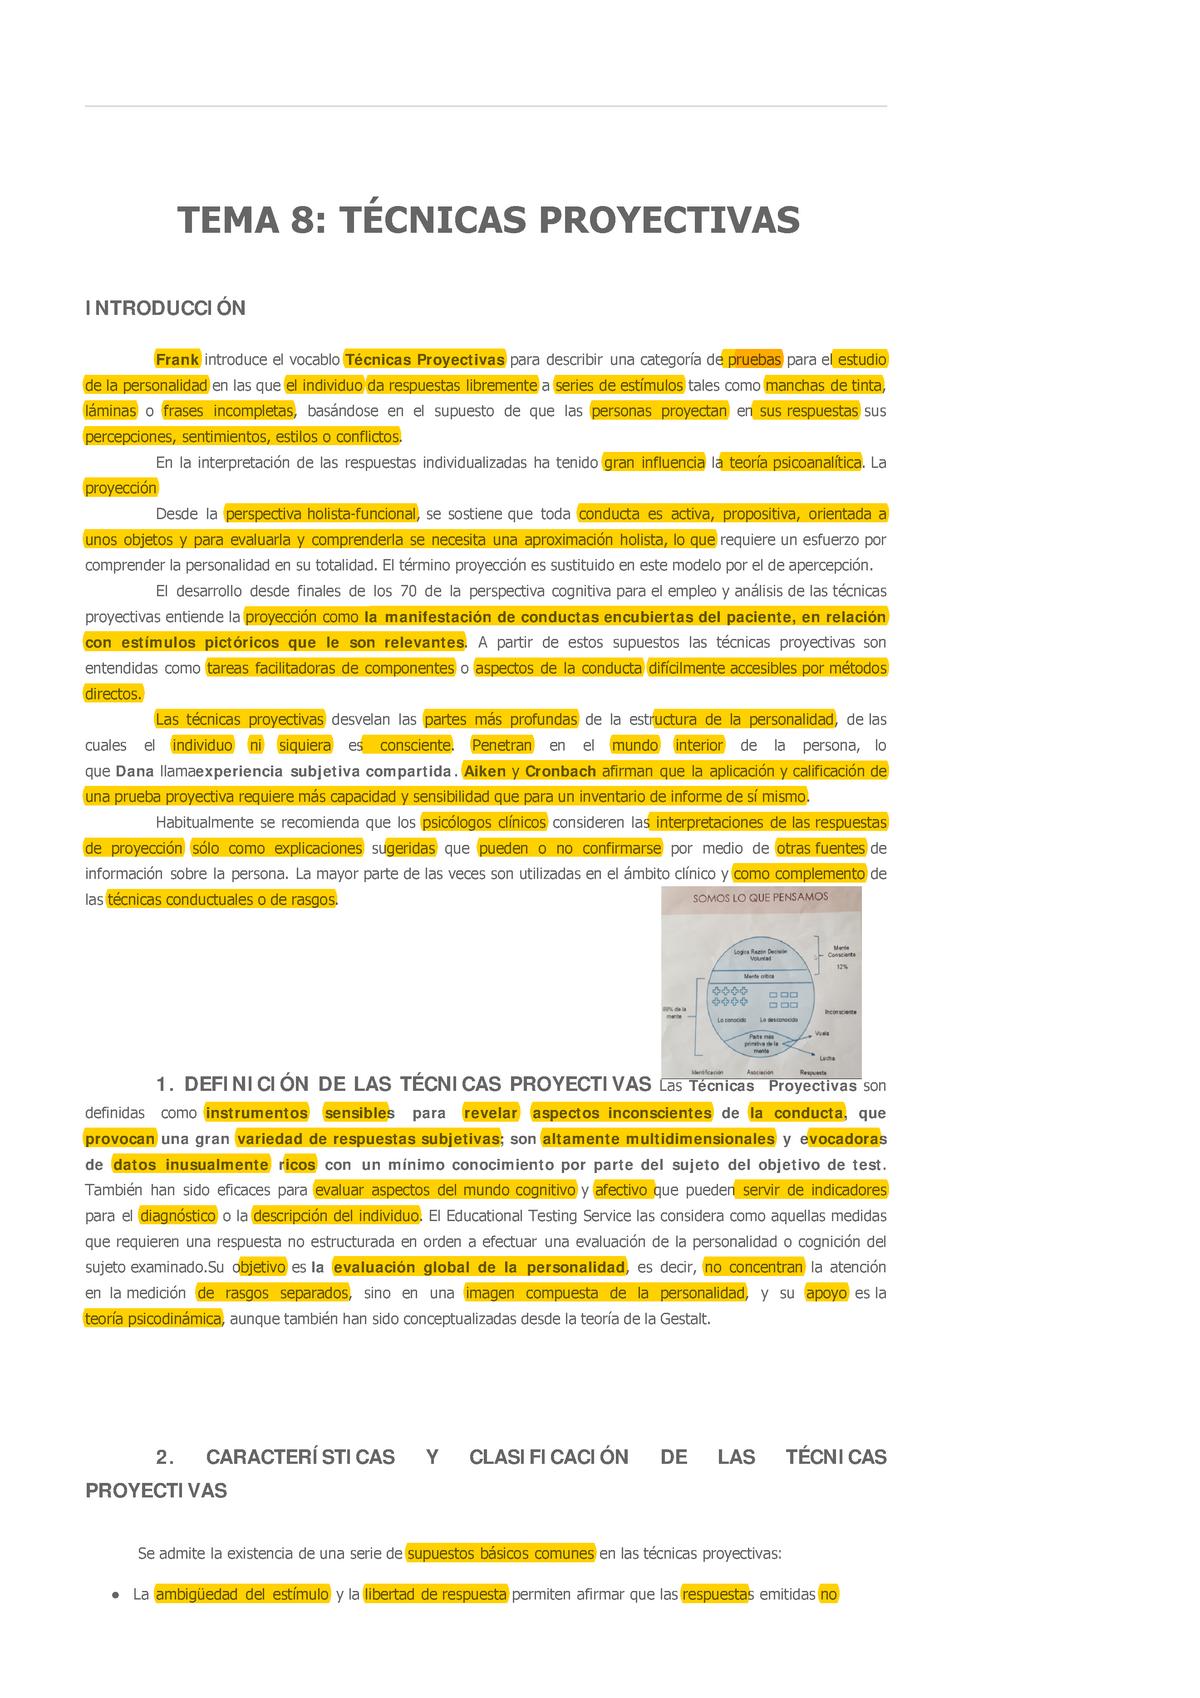 Evaluación Psicológica Capítulo 8 62013094 Uned Studocu